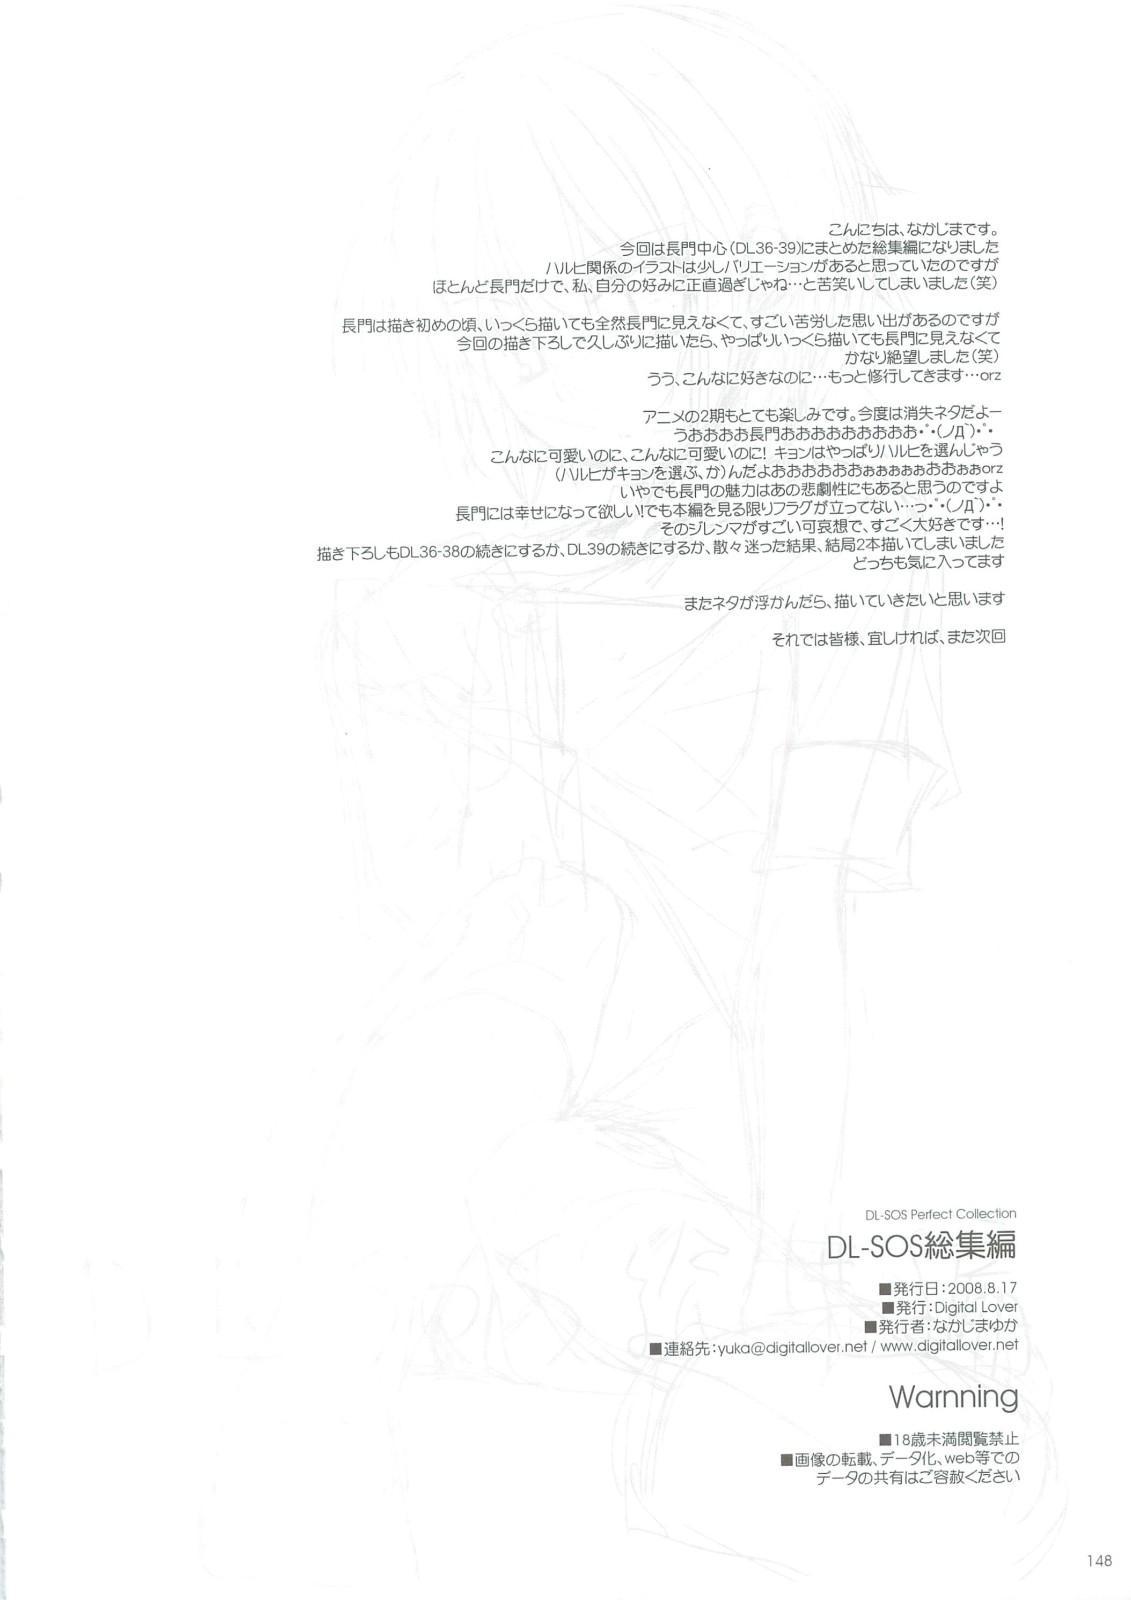 DL-SOS soushuuhen 140